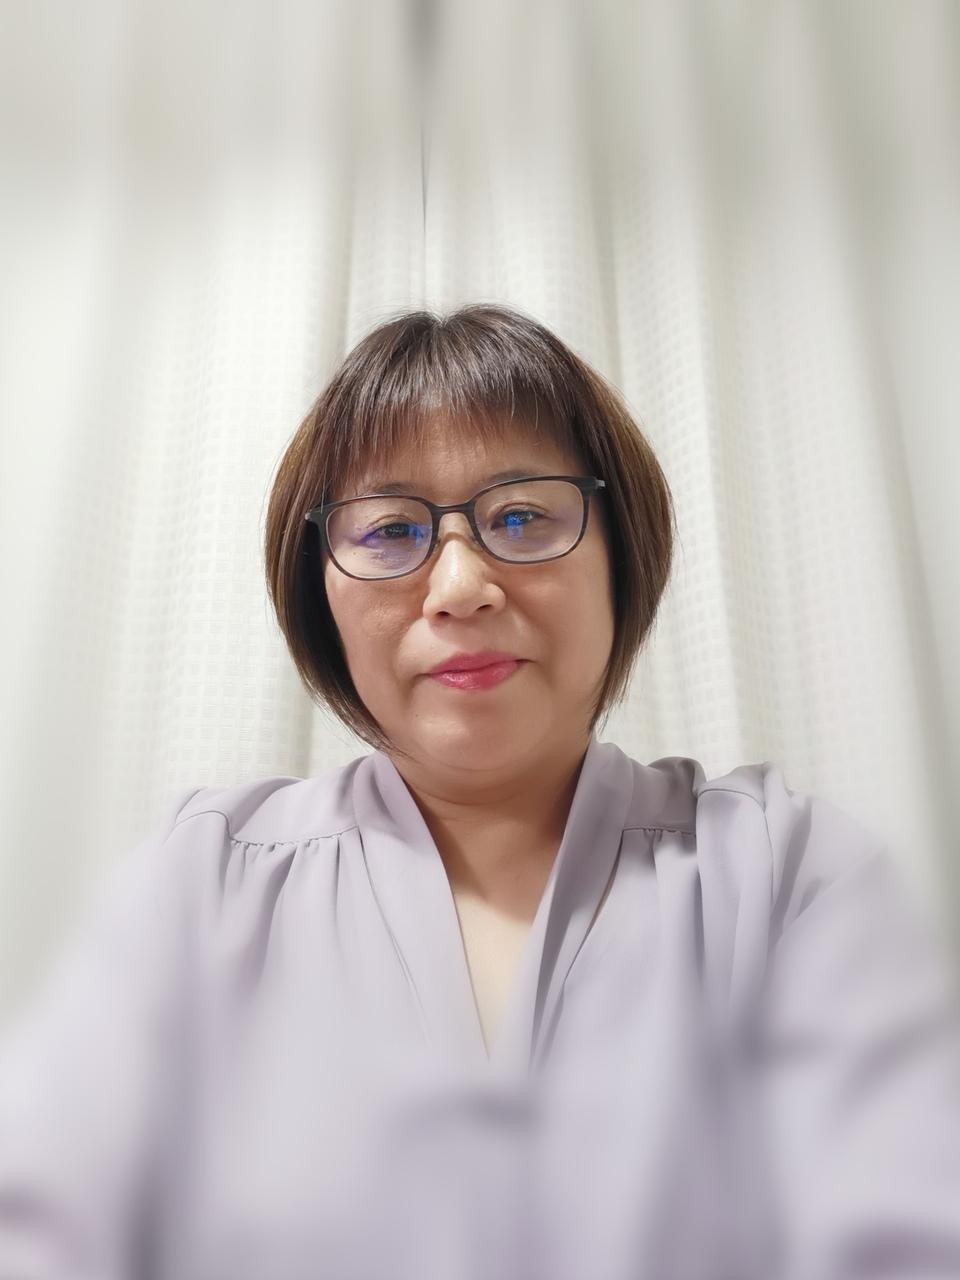 日本グリーフ専門士協会認定 グリーフカウンセラー 鬼塚友実子